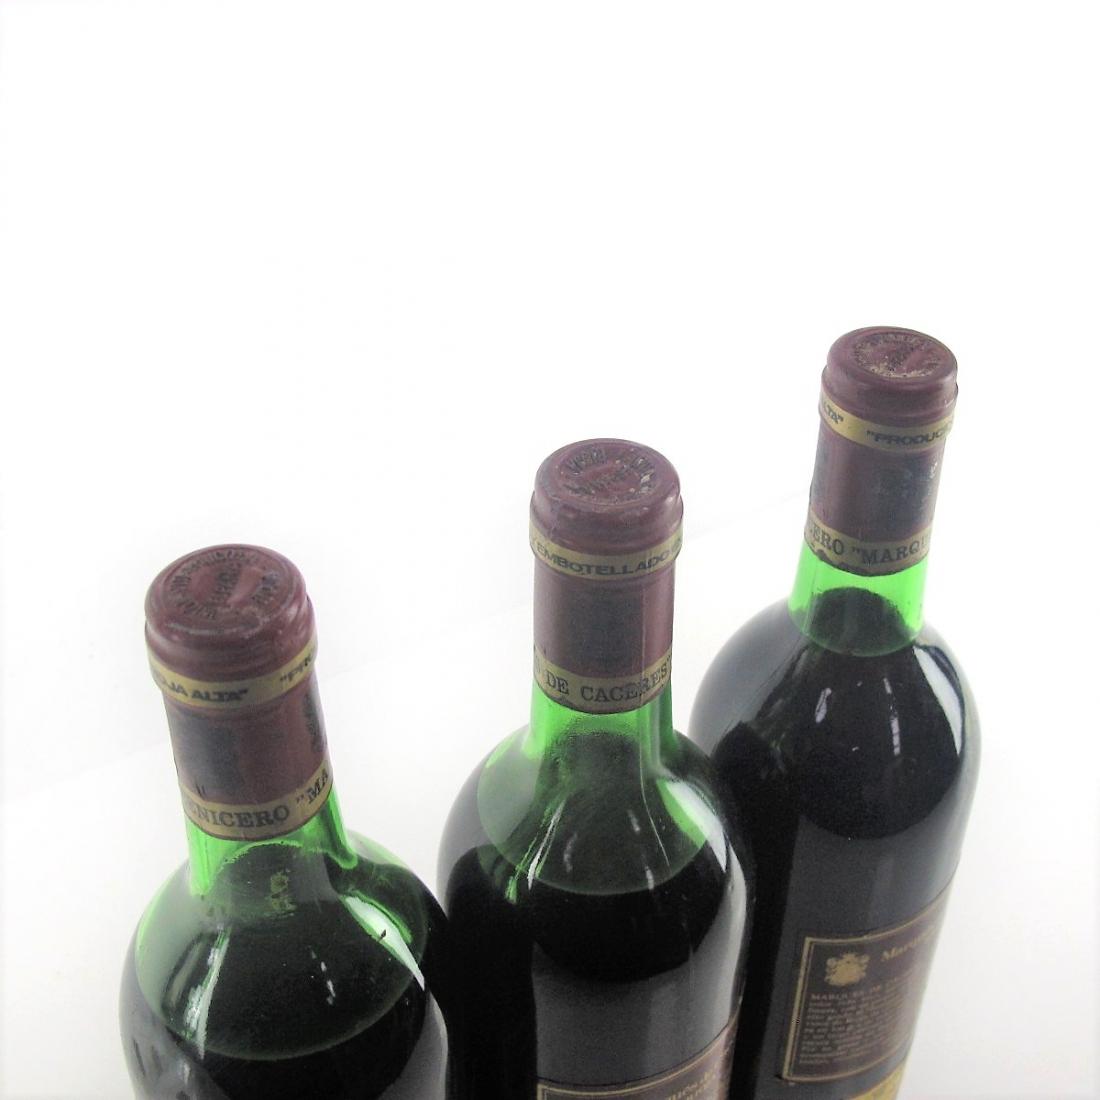 Marques De Caceres 1981 Rioja Crianza 3x75cl